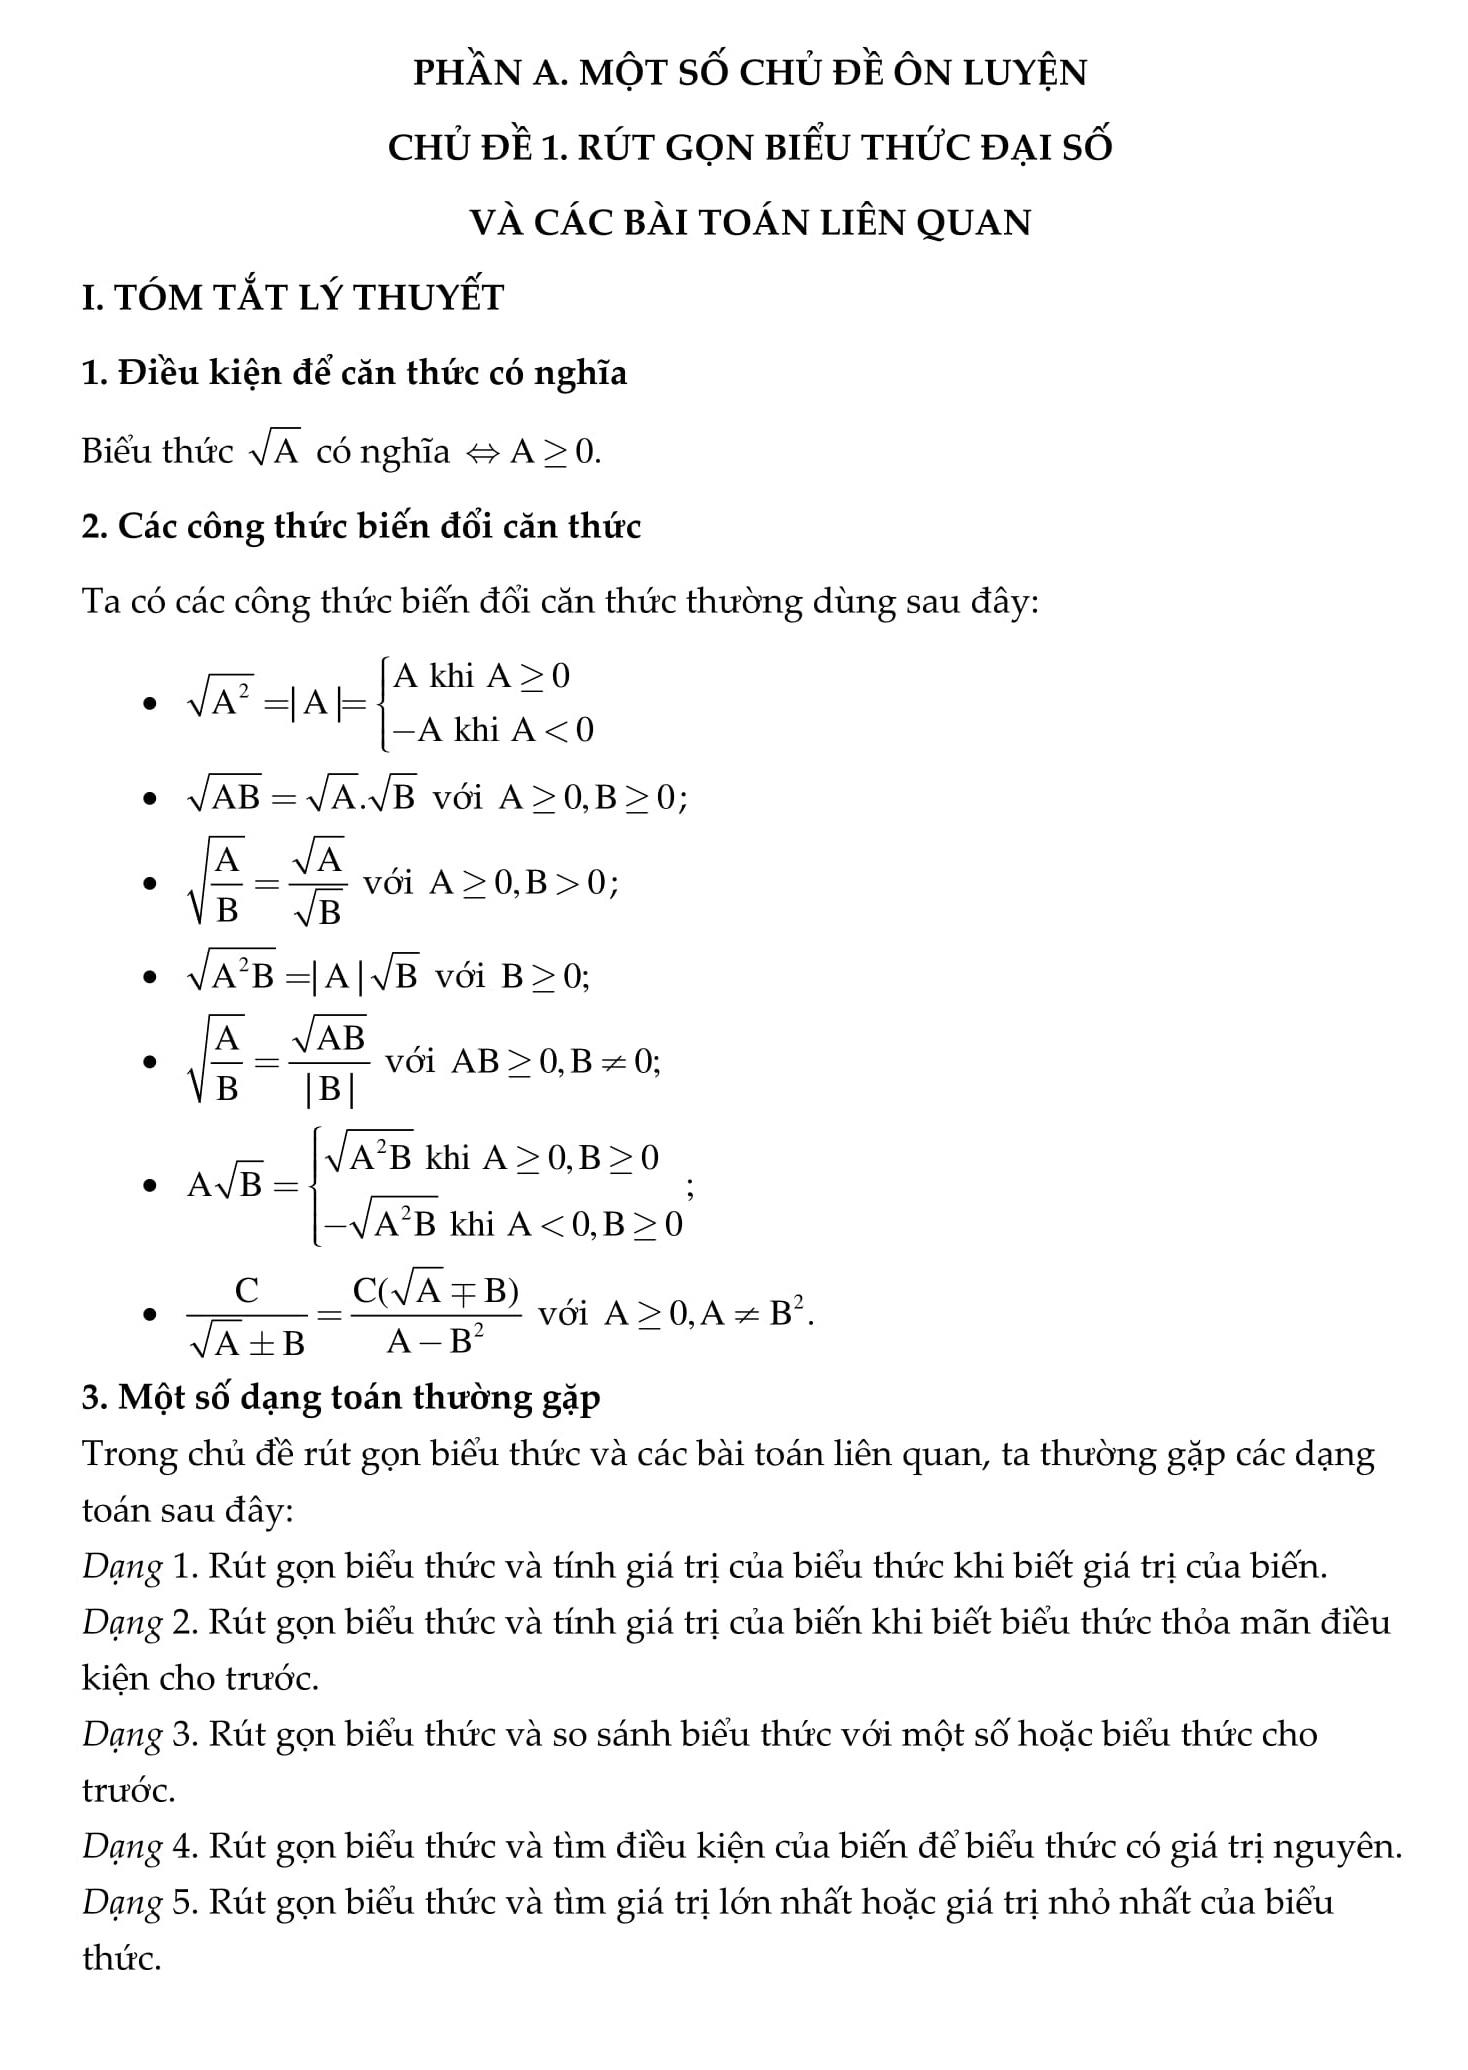 Trọng tâm kiến thức Toán 9 vào 10 - Hướng dẫn chi tiết